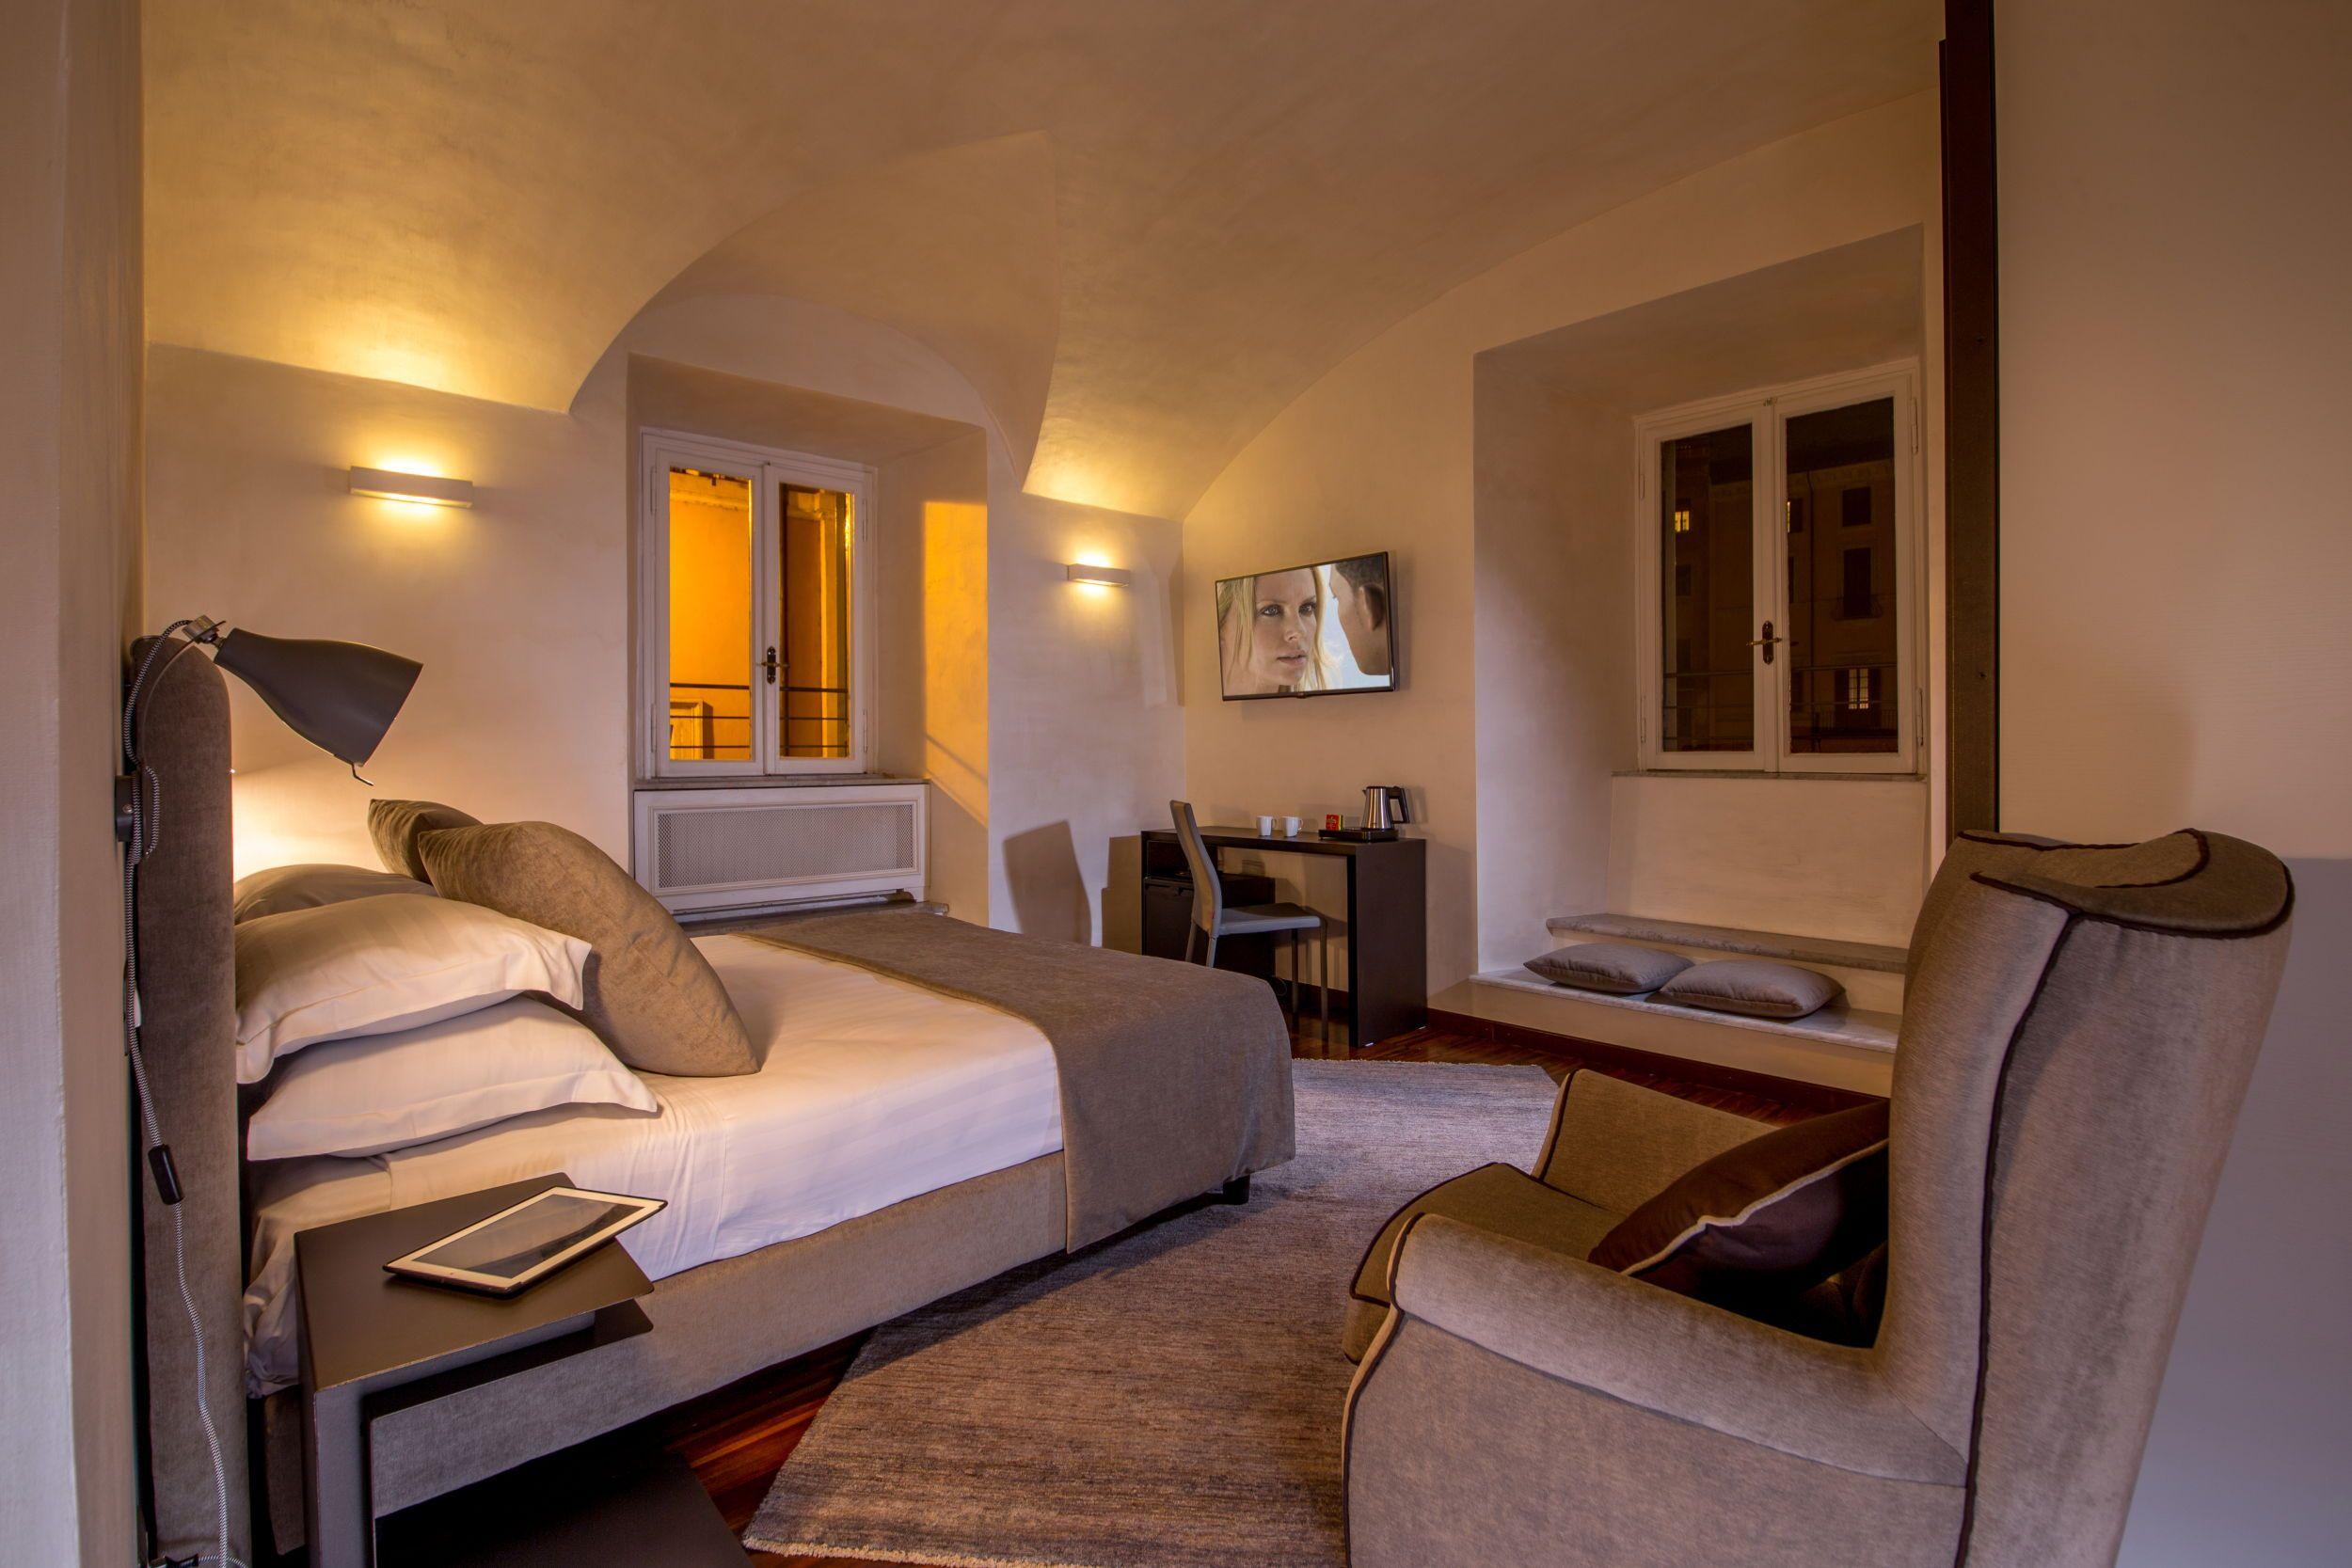 hotel designs luxury suites view suite luxury design hotel designs luxury suites view suite luxury design architecture